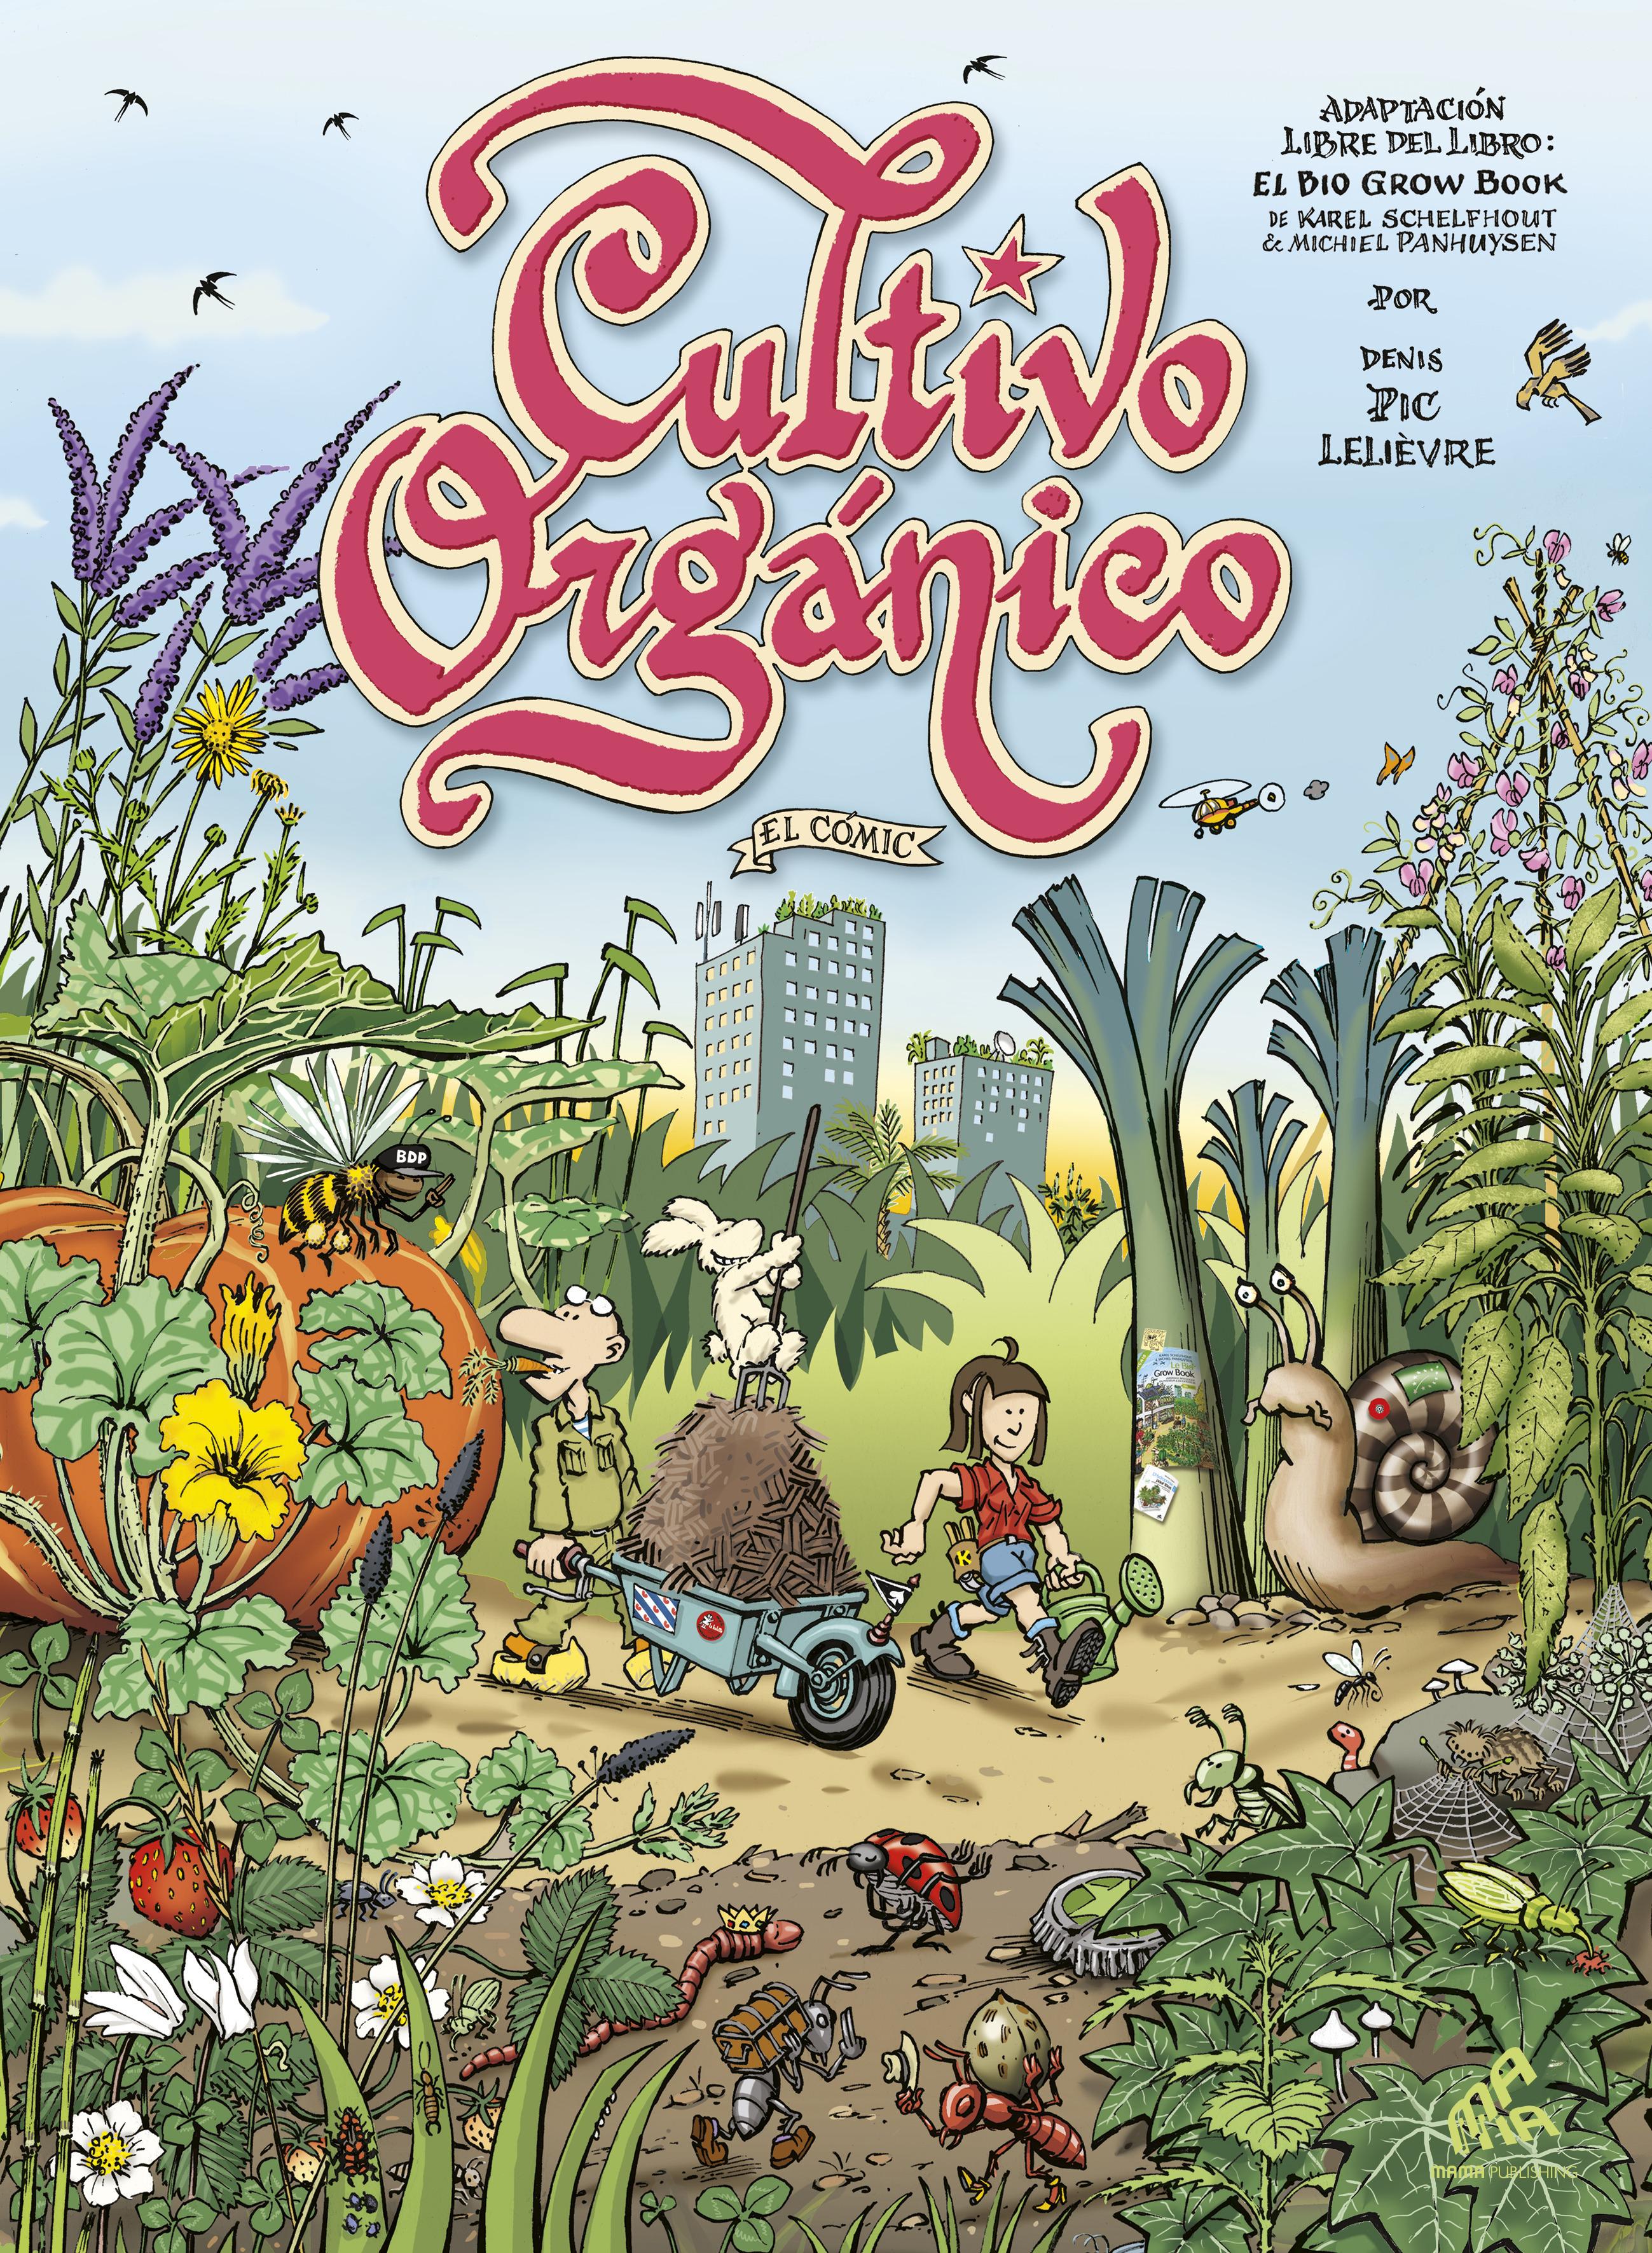 Cultivo orgánico, el cómic